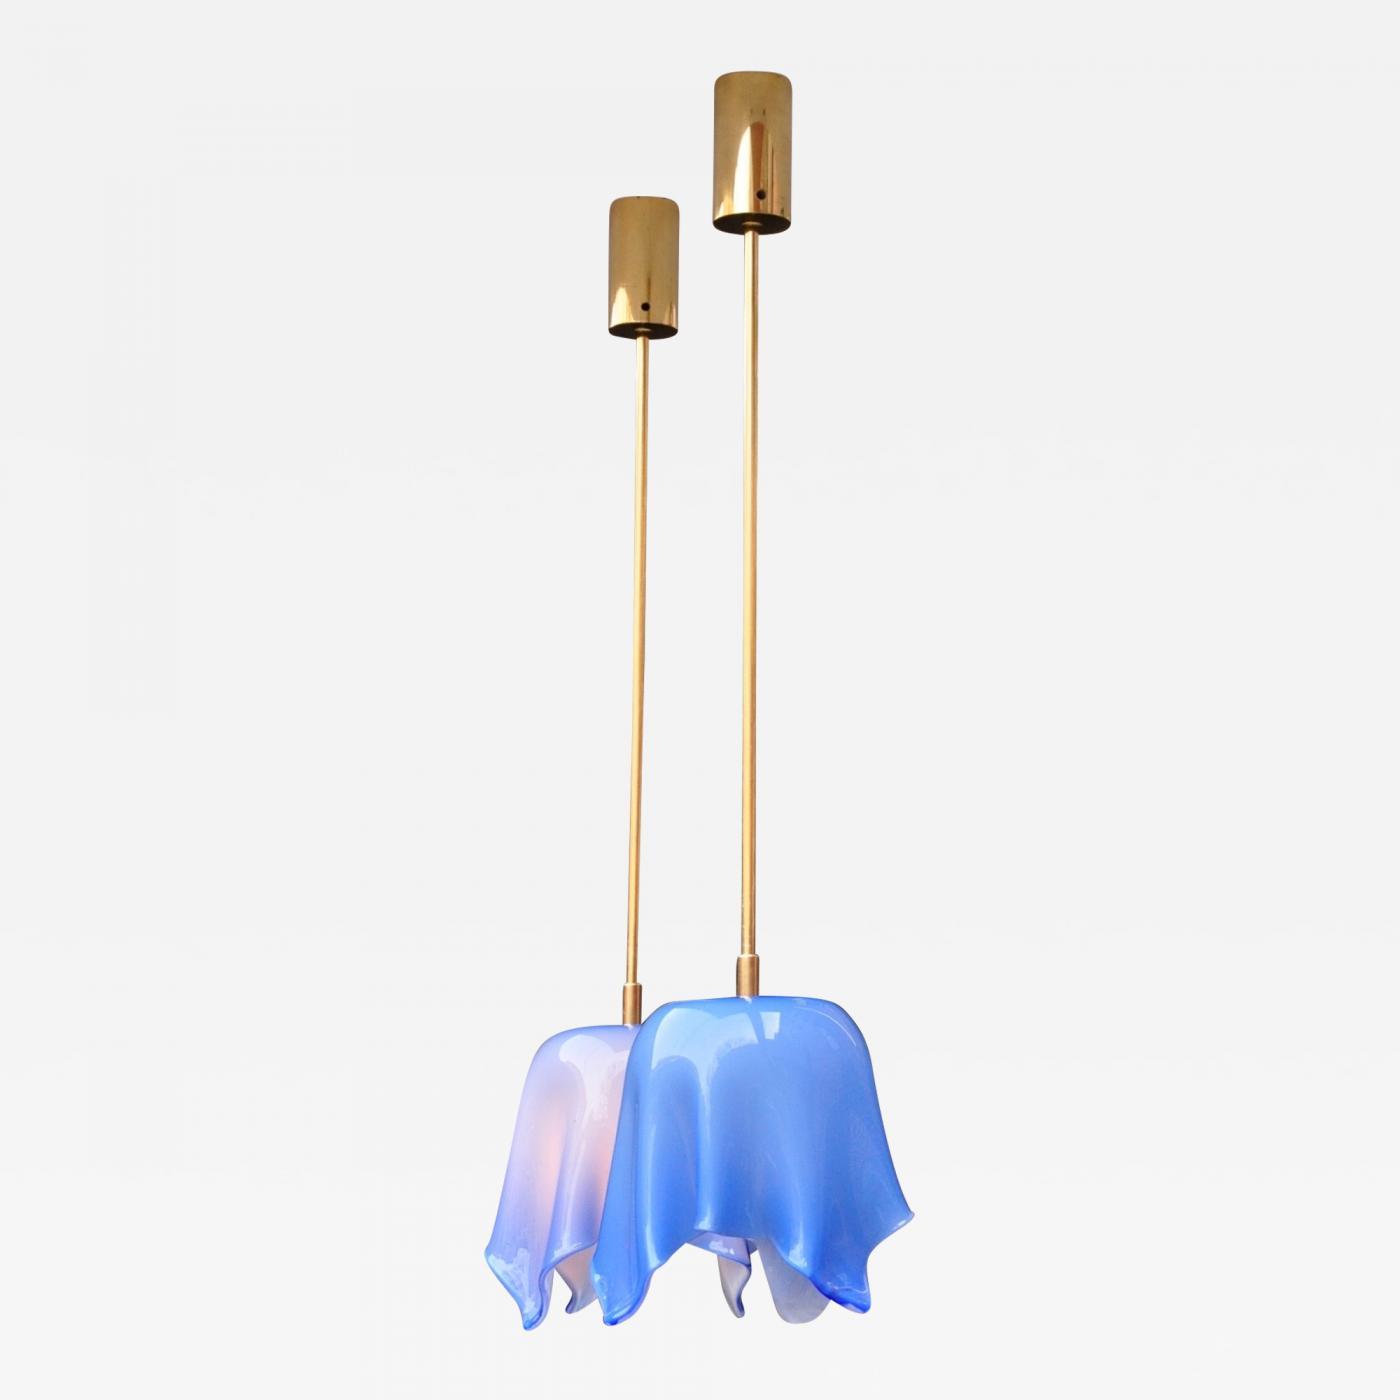 Pair of Studio Venini Pendant Lamps, Italy 1960s Image